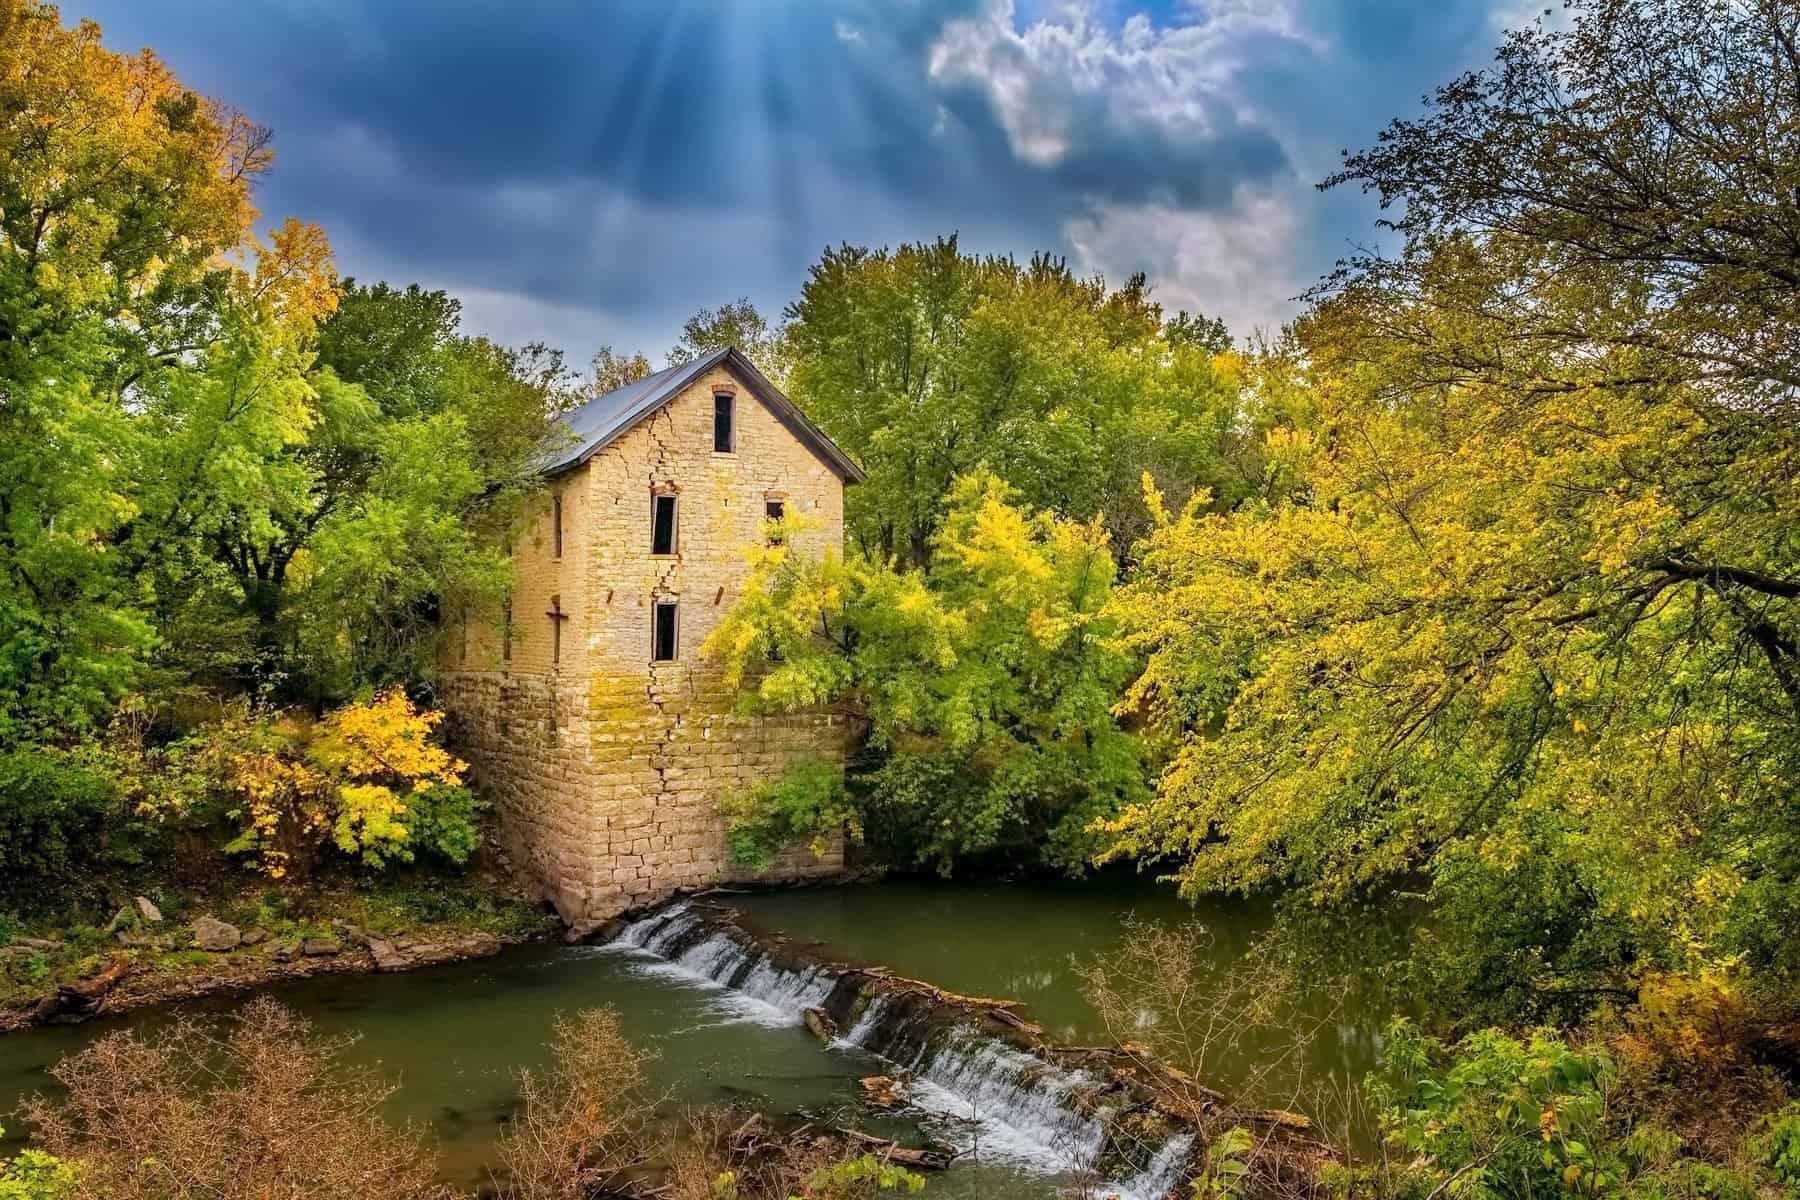 Old flour Mill landscape photo